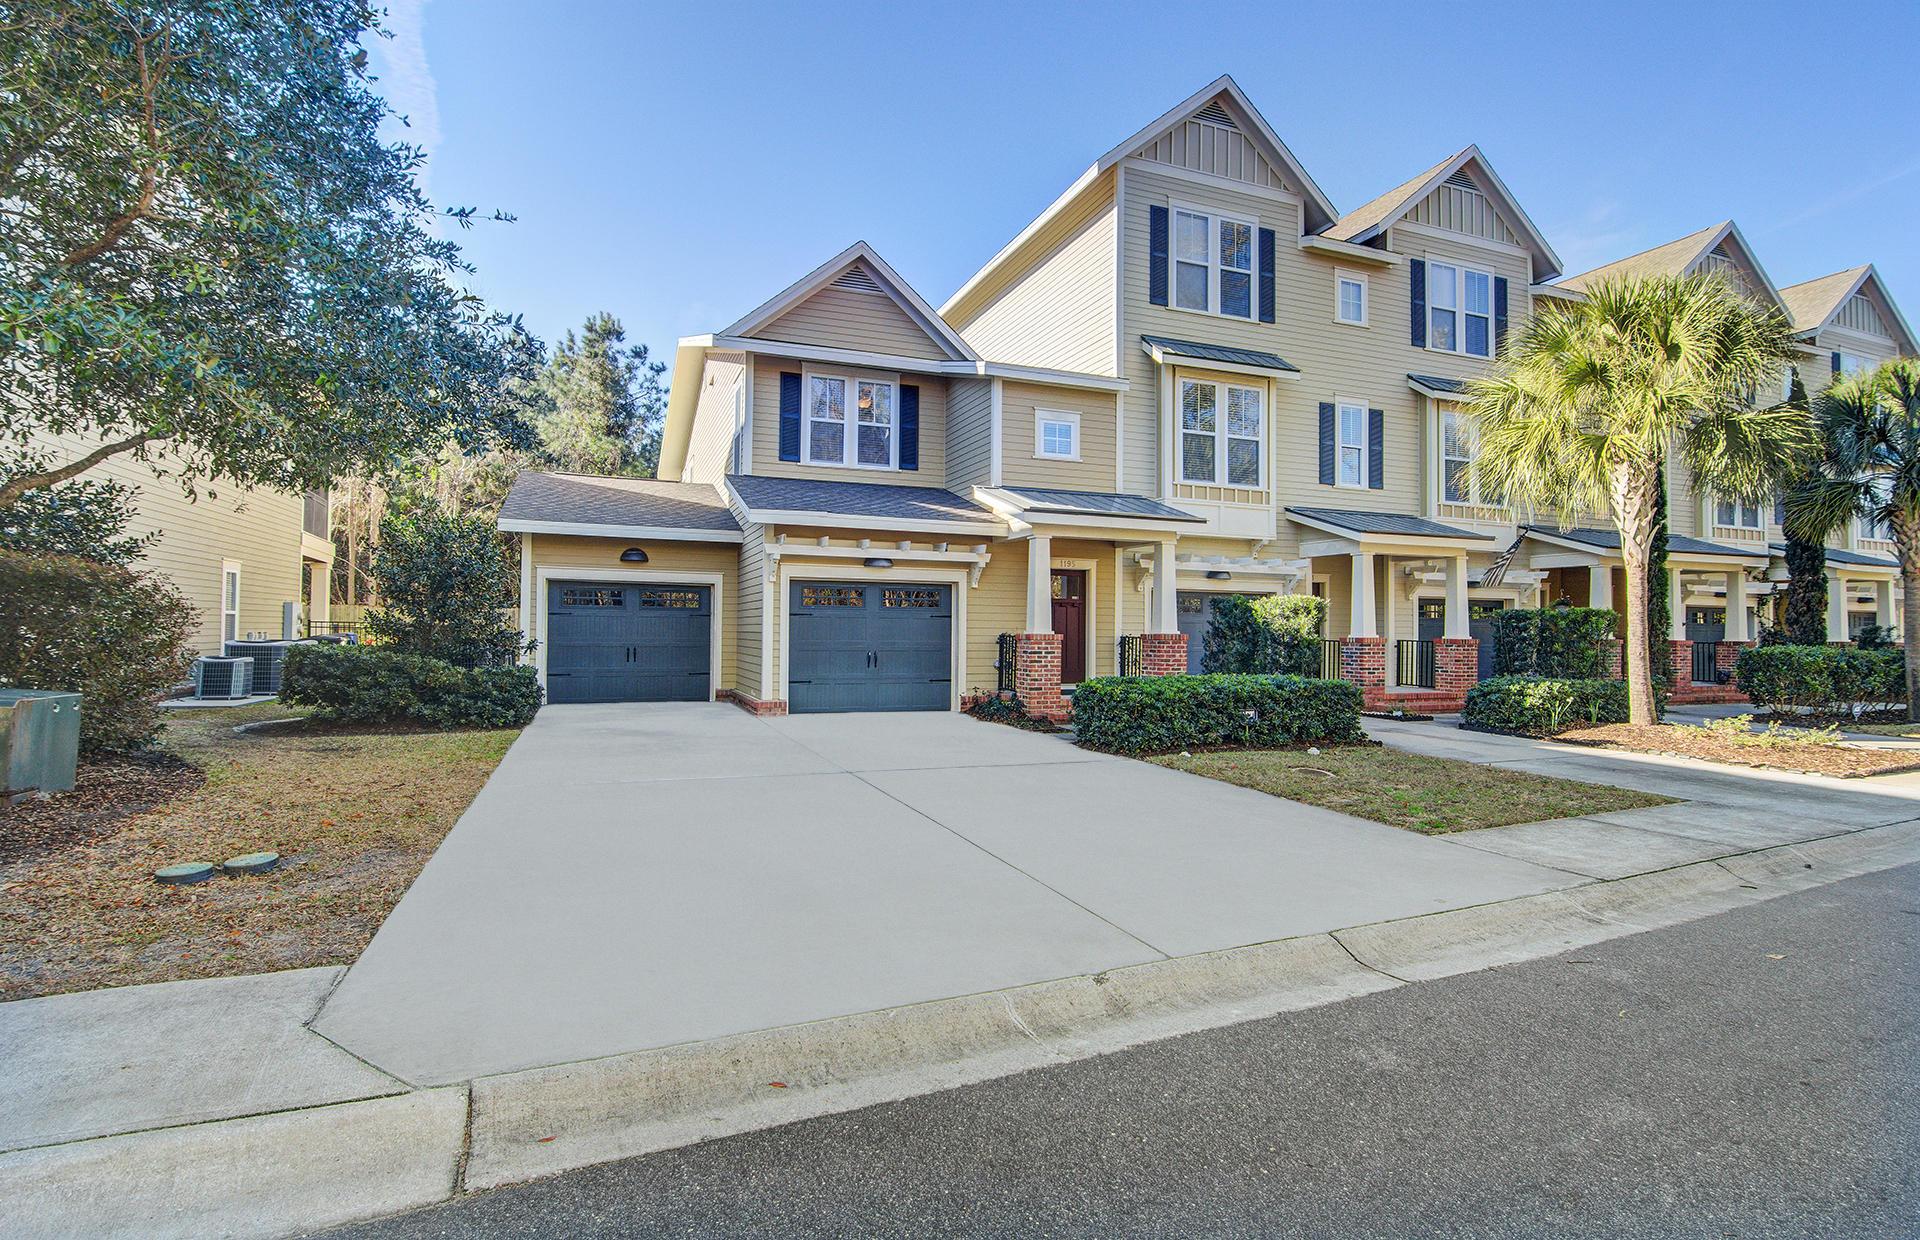 Royal Palms Homes For Sale - 1195 Dingle, Mount Pleasant, SC - 1